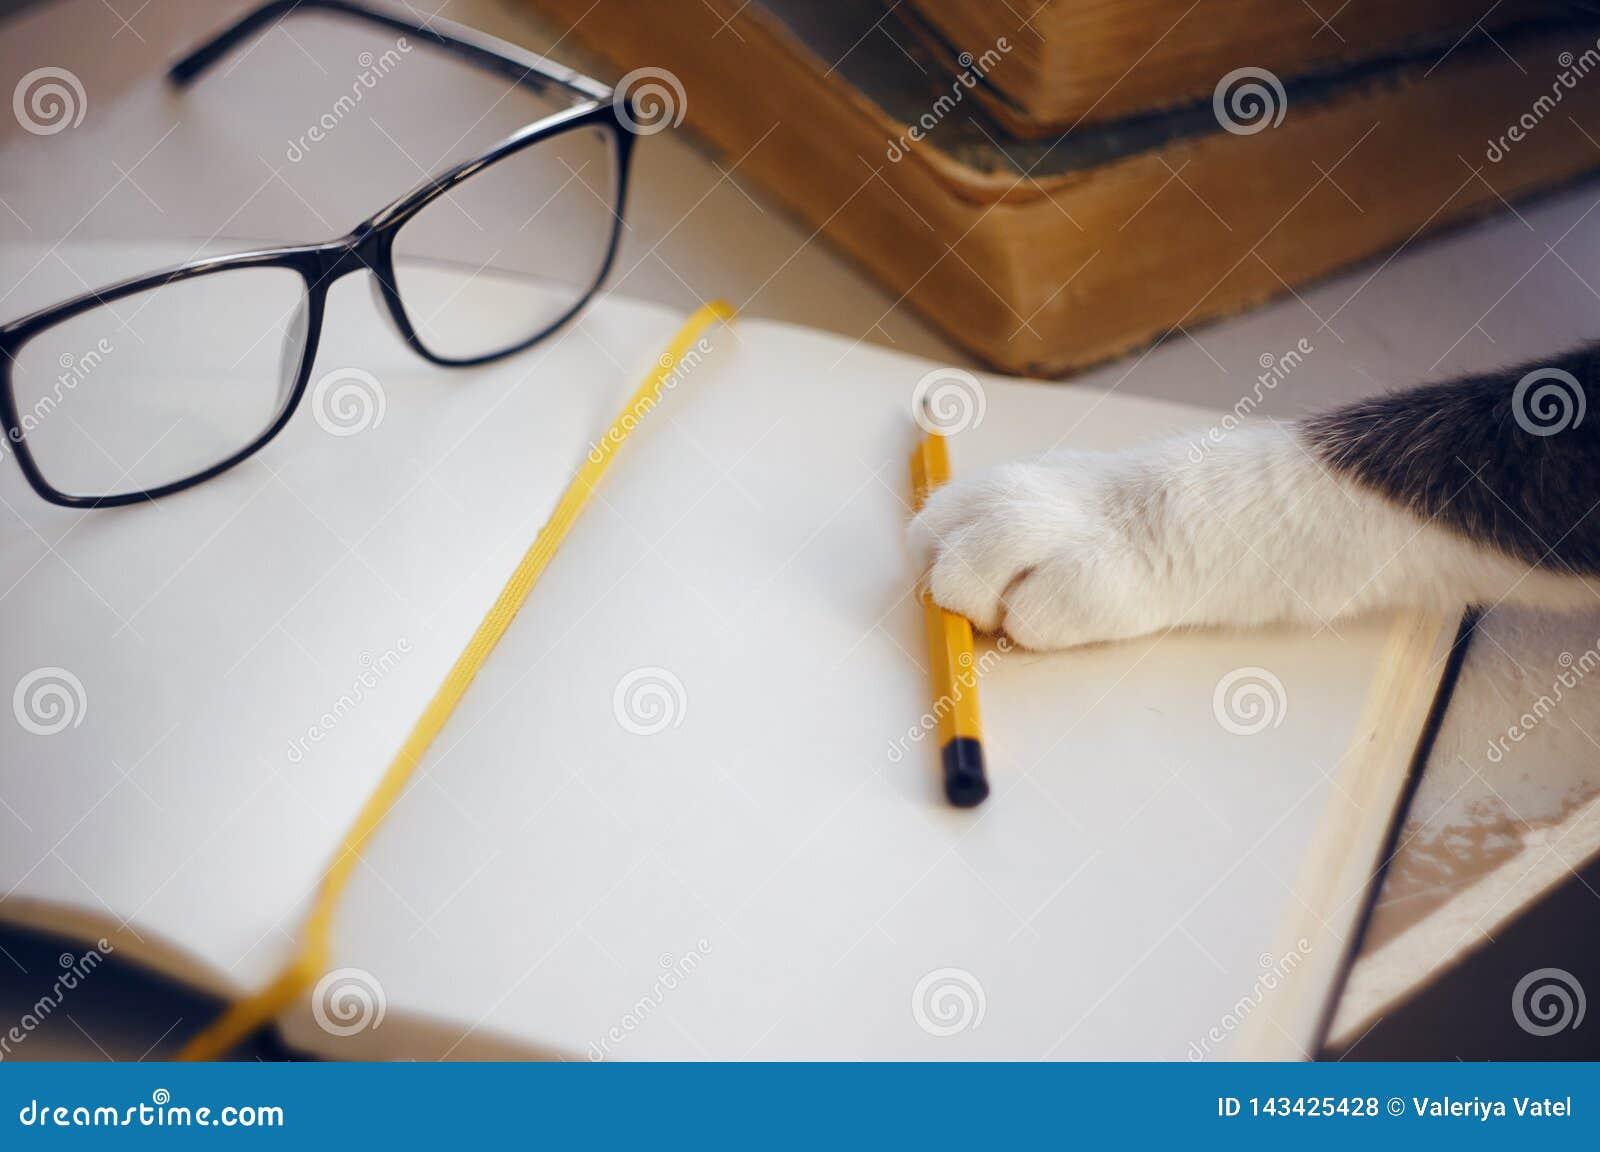 Sur la table sont les verres, un crayon et un carnet, chat atteint pour un crayon avec sa patte